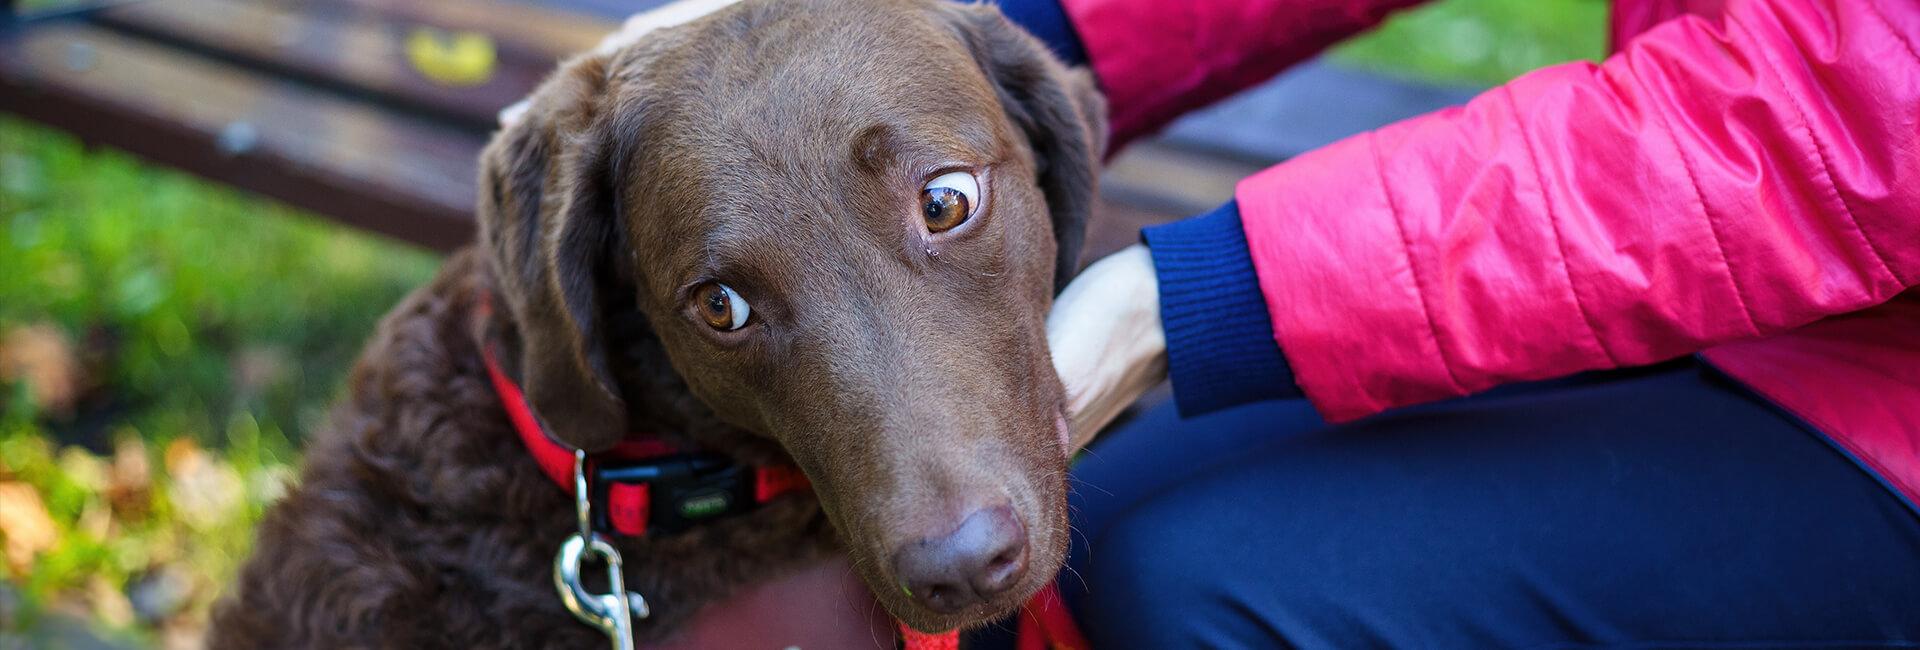 Brązowy pies trzyma głowę na nogach swojego opiekuna. Link do podstrony dla osób ubiegających się o psa przewodnika.